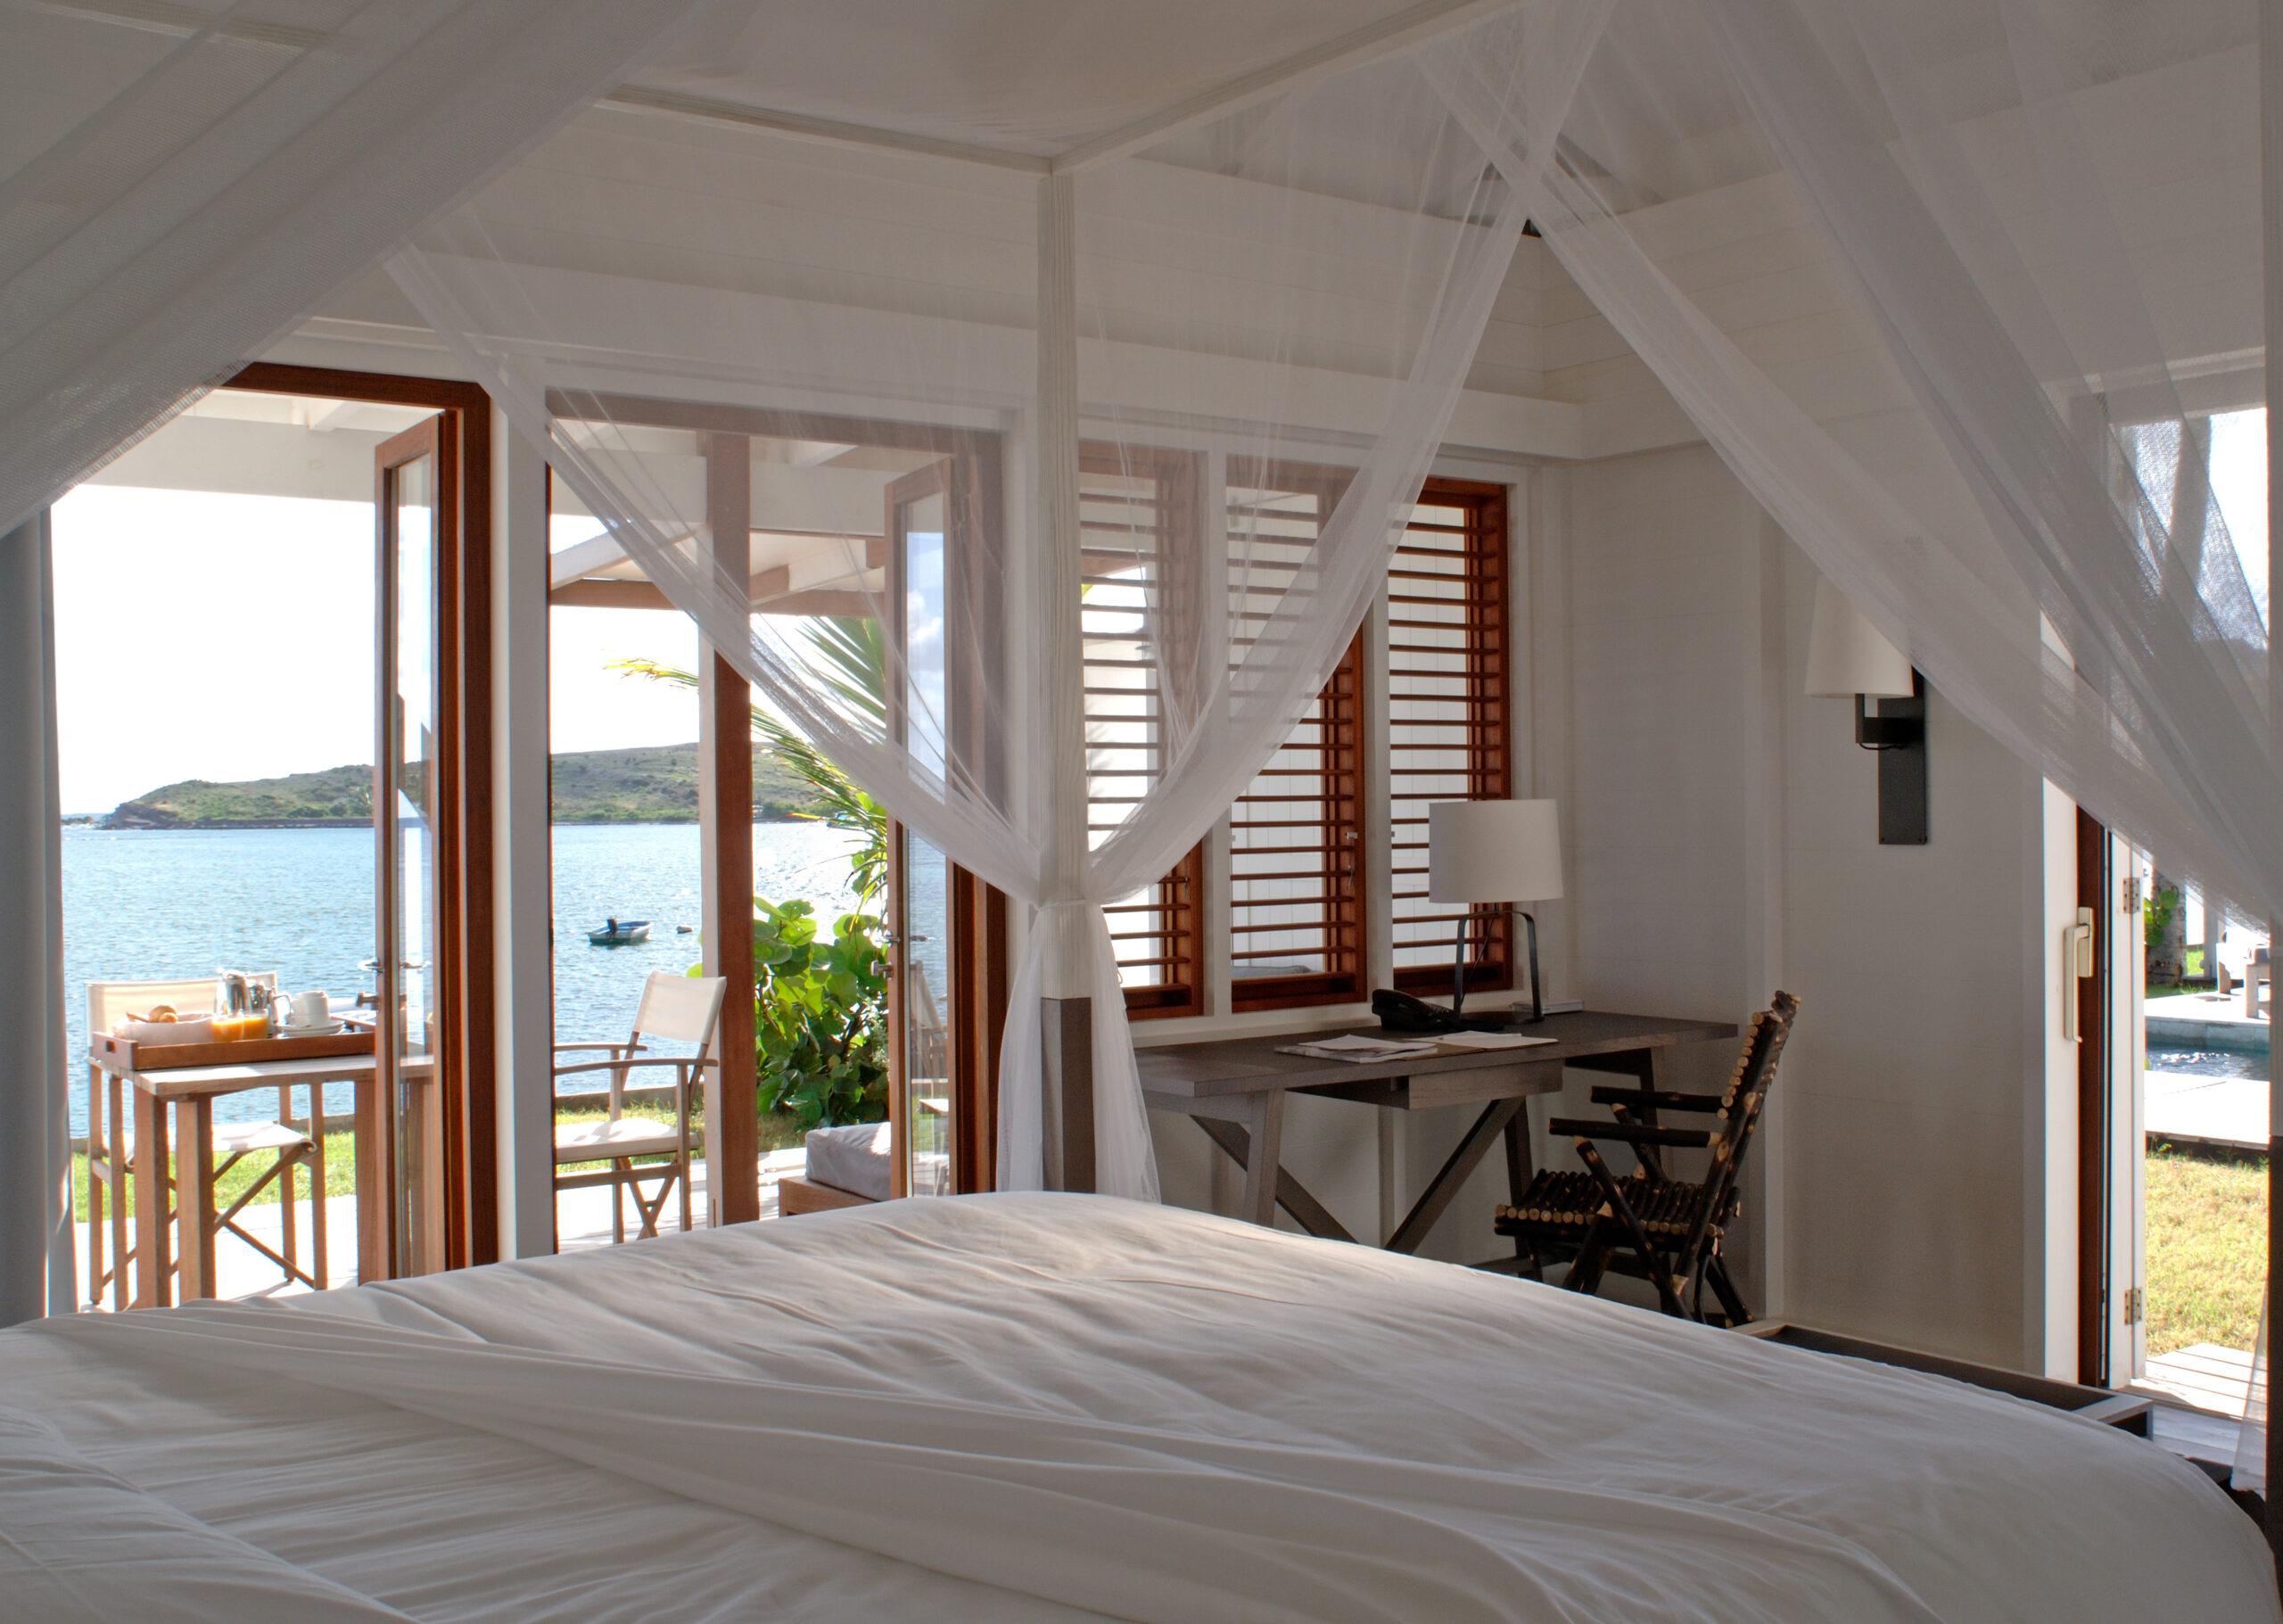 minimalist bedroom overlooking the sea